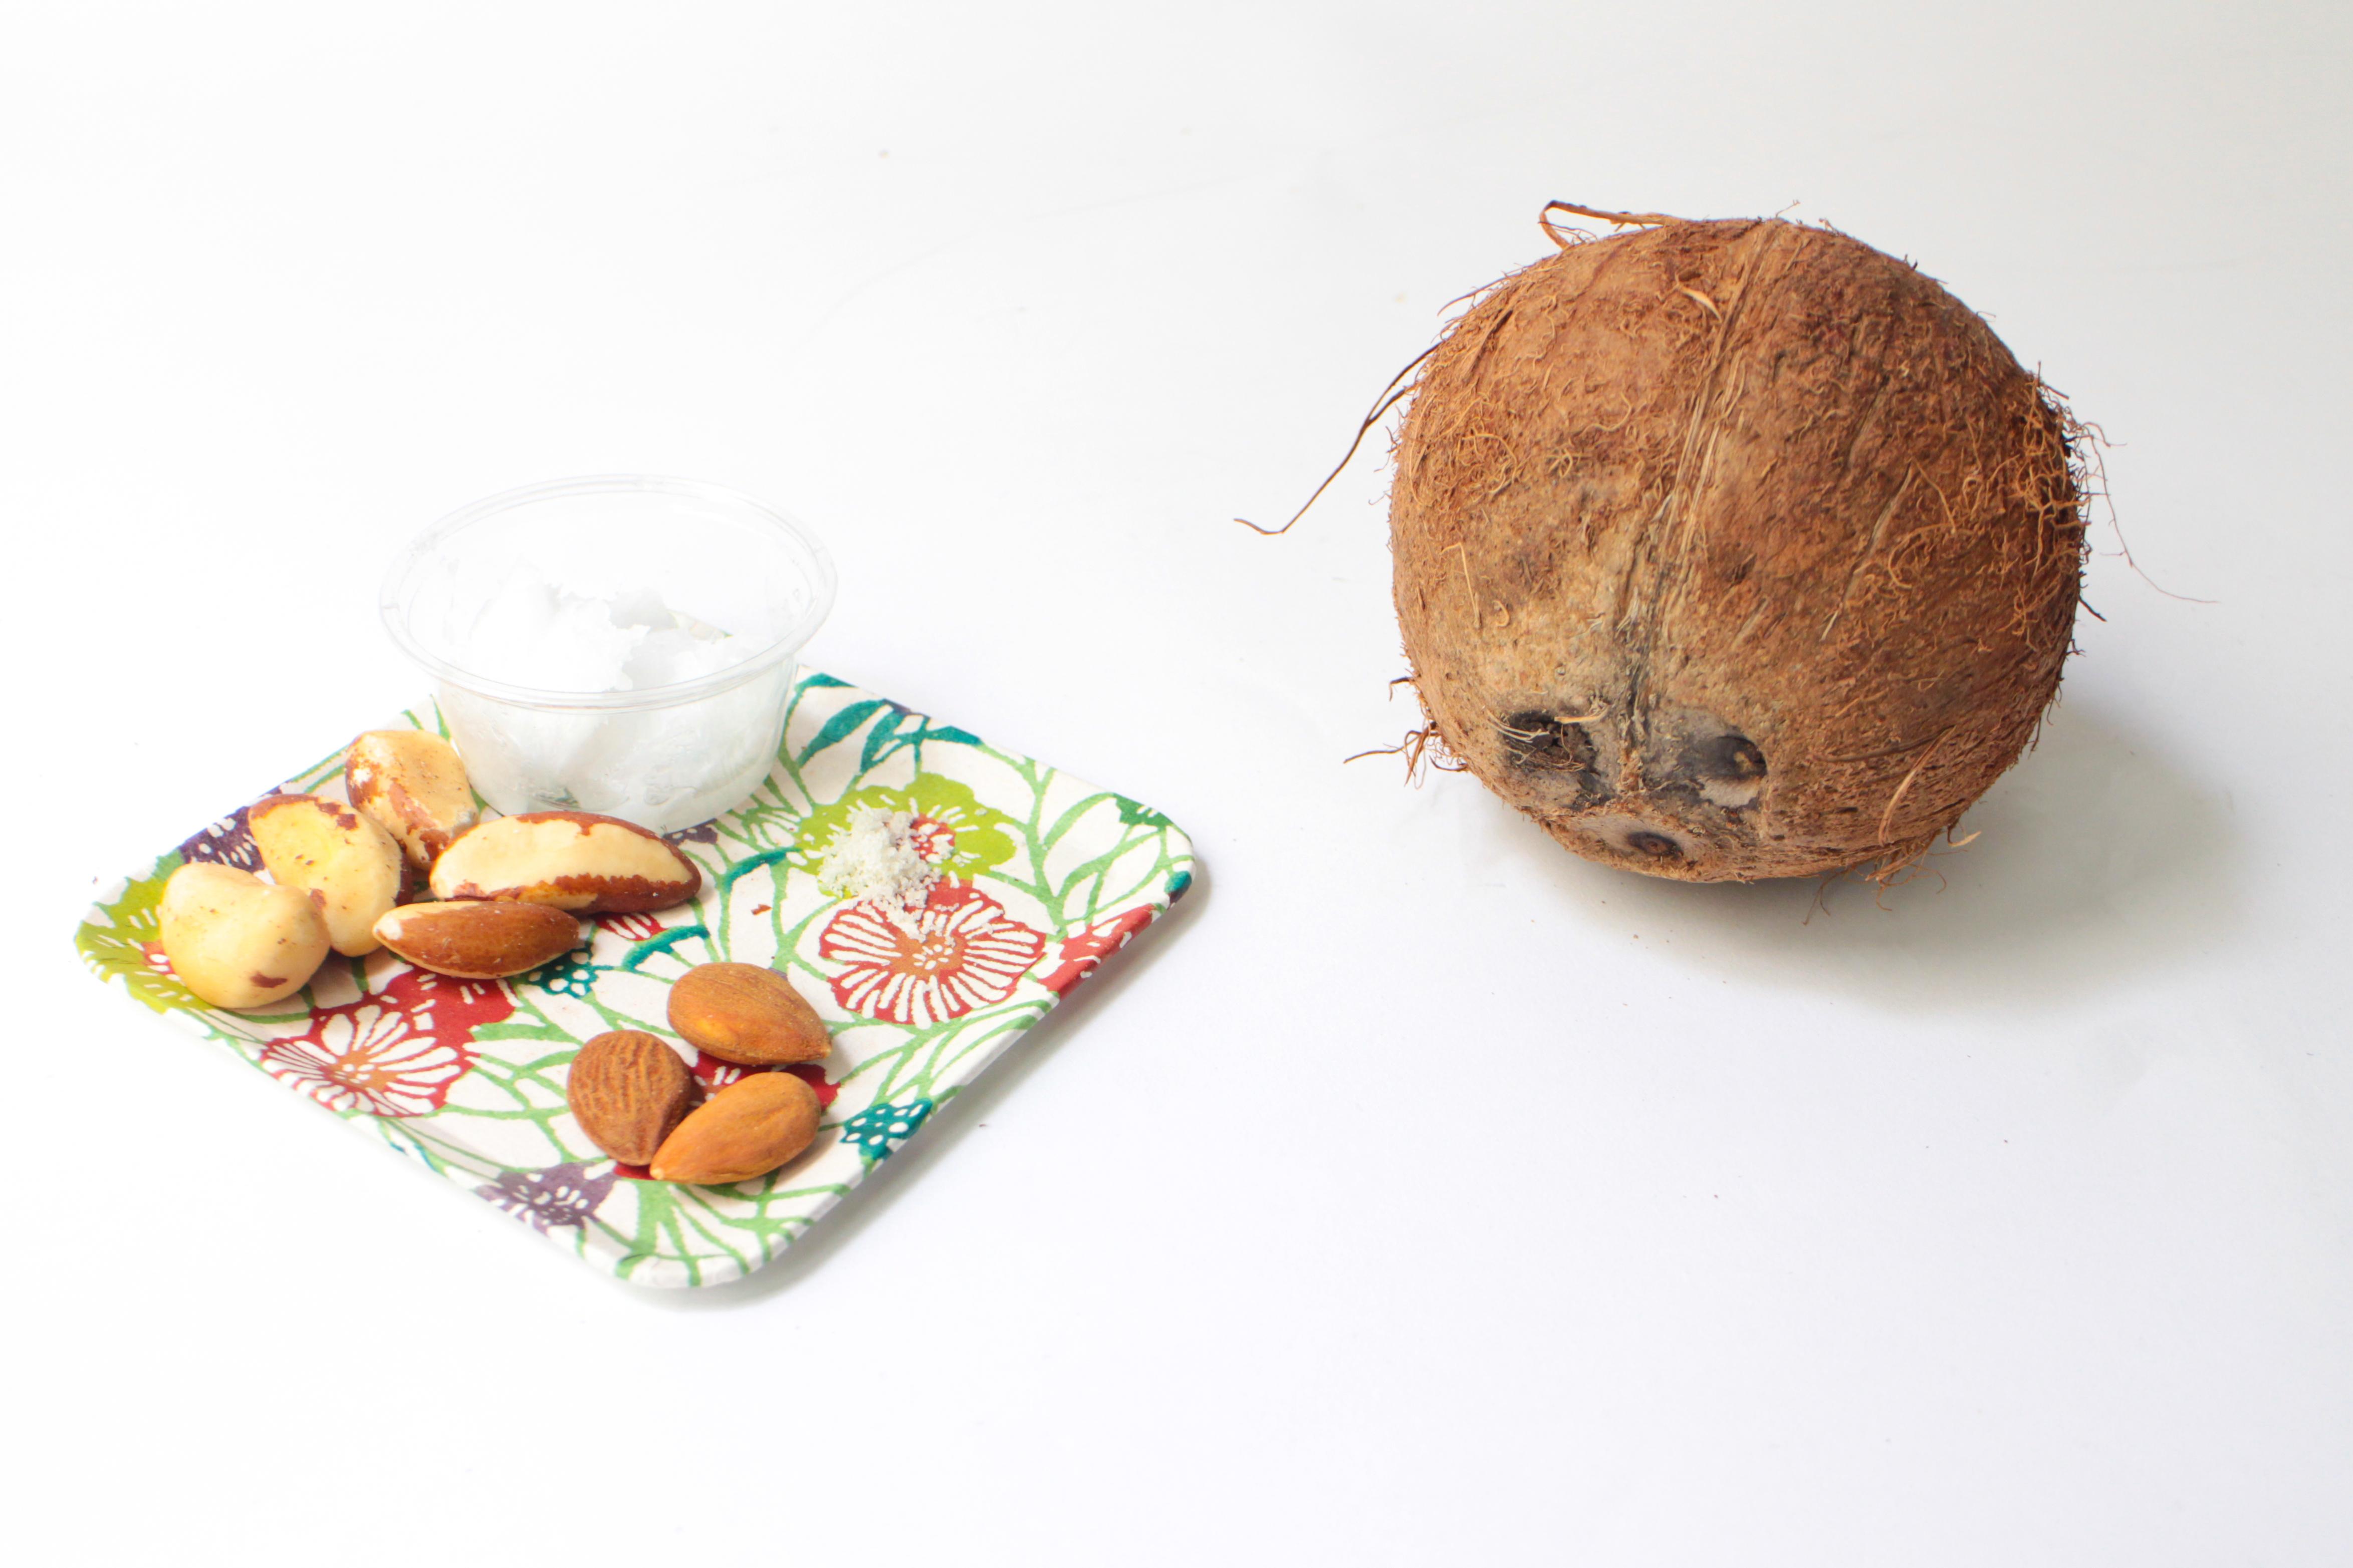 ingred 1 Pâte à tartiner maison aux amandes et noix